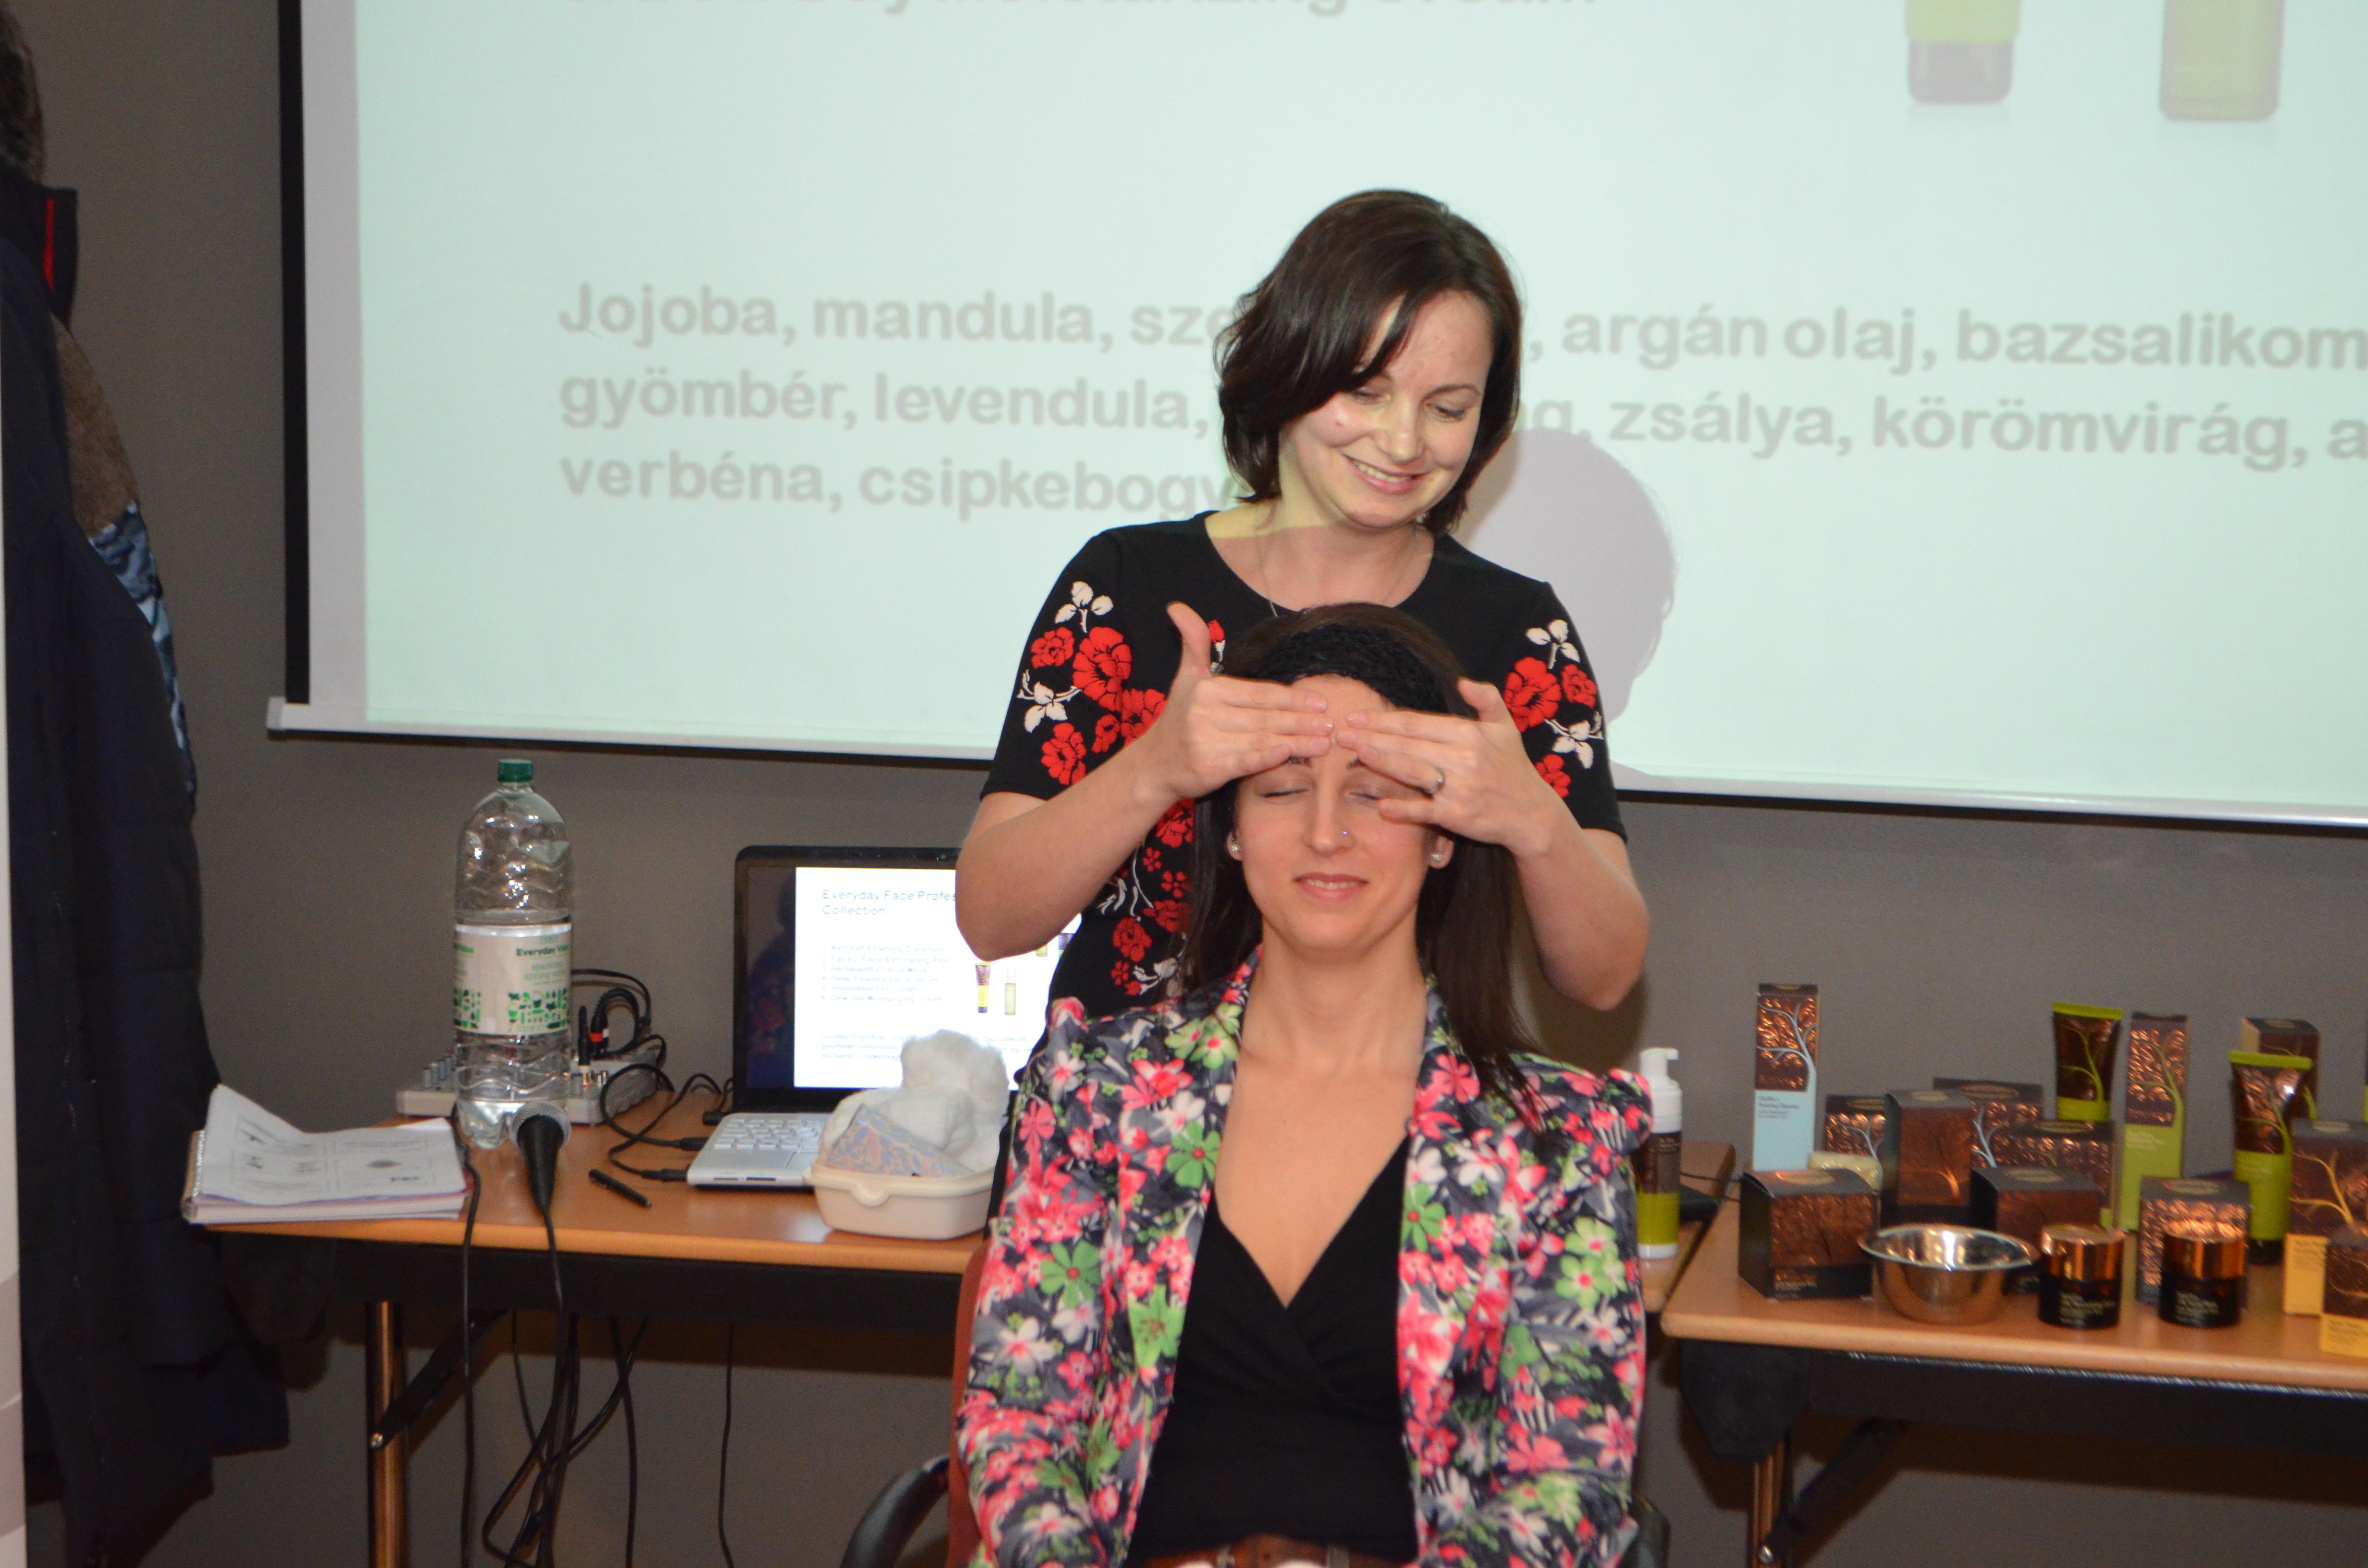 Kozmetikum-teszt a képzésen, Fekete Hajnal keni Kovács Viktória arcát